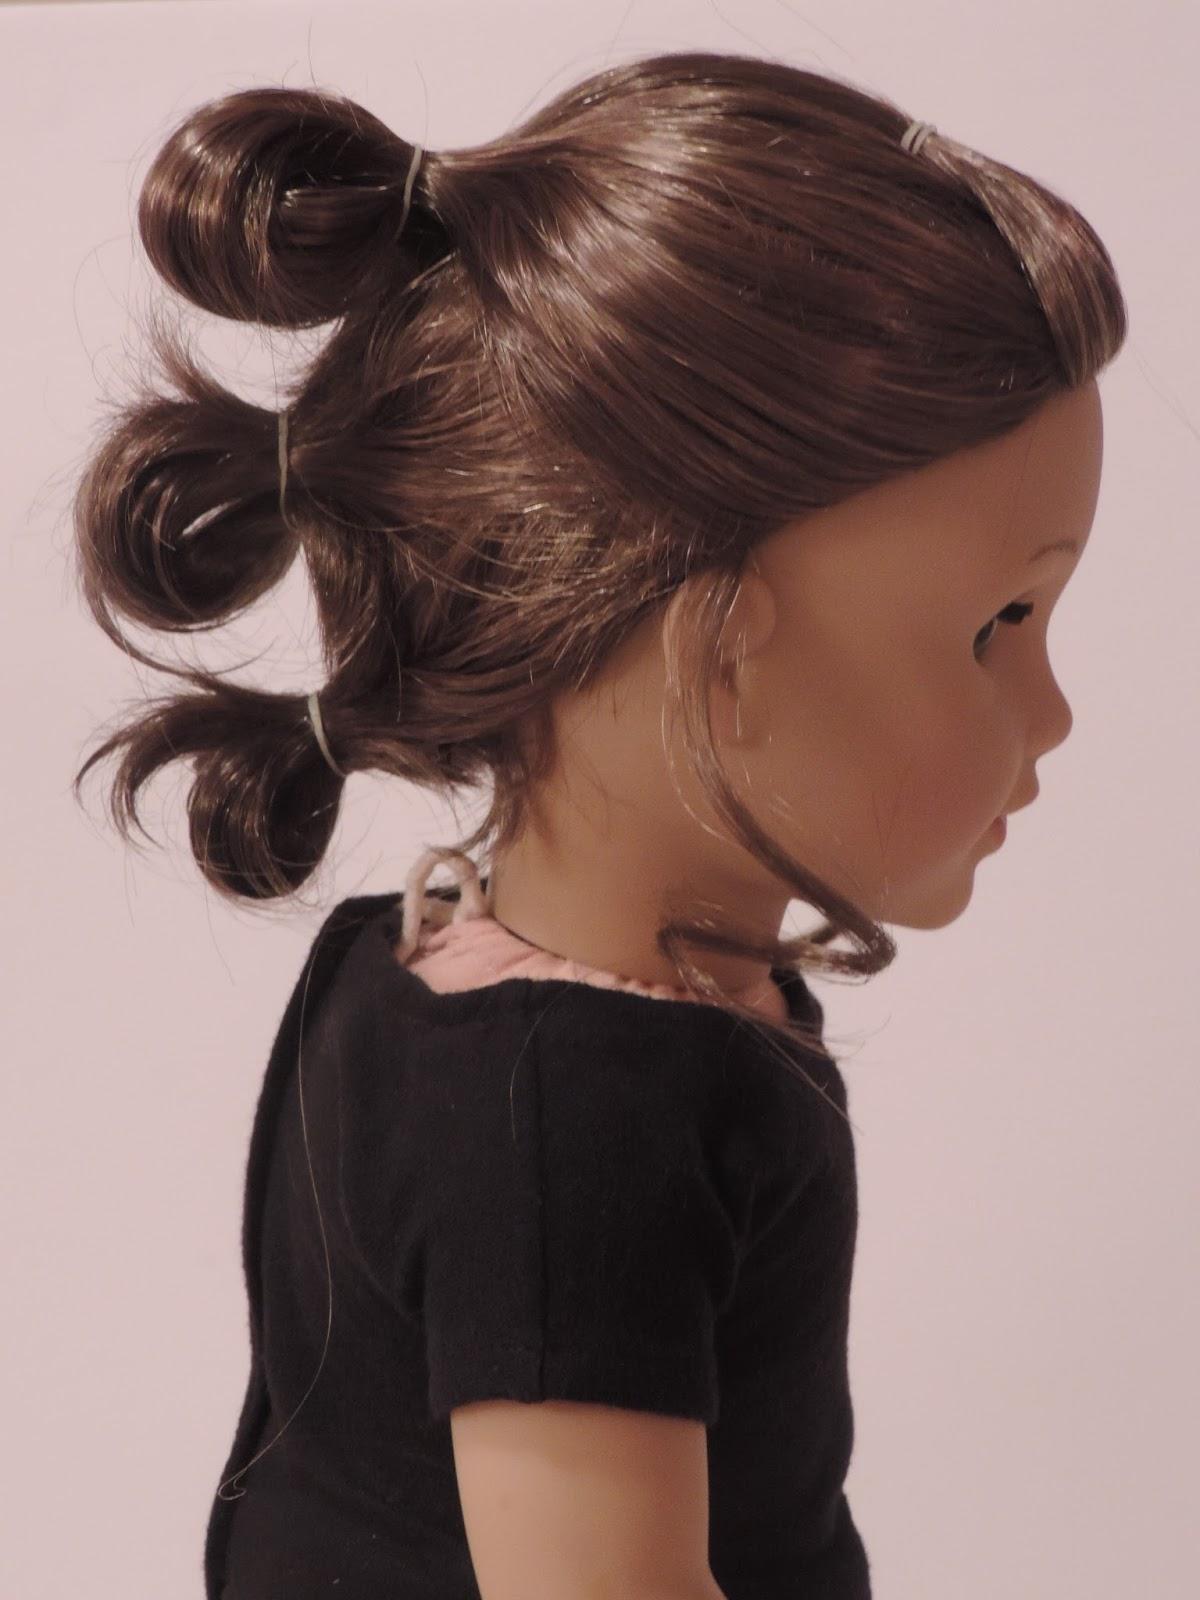 Reverie Dolls: Star Wars Rey Hairstyle